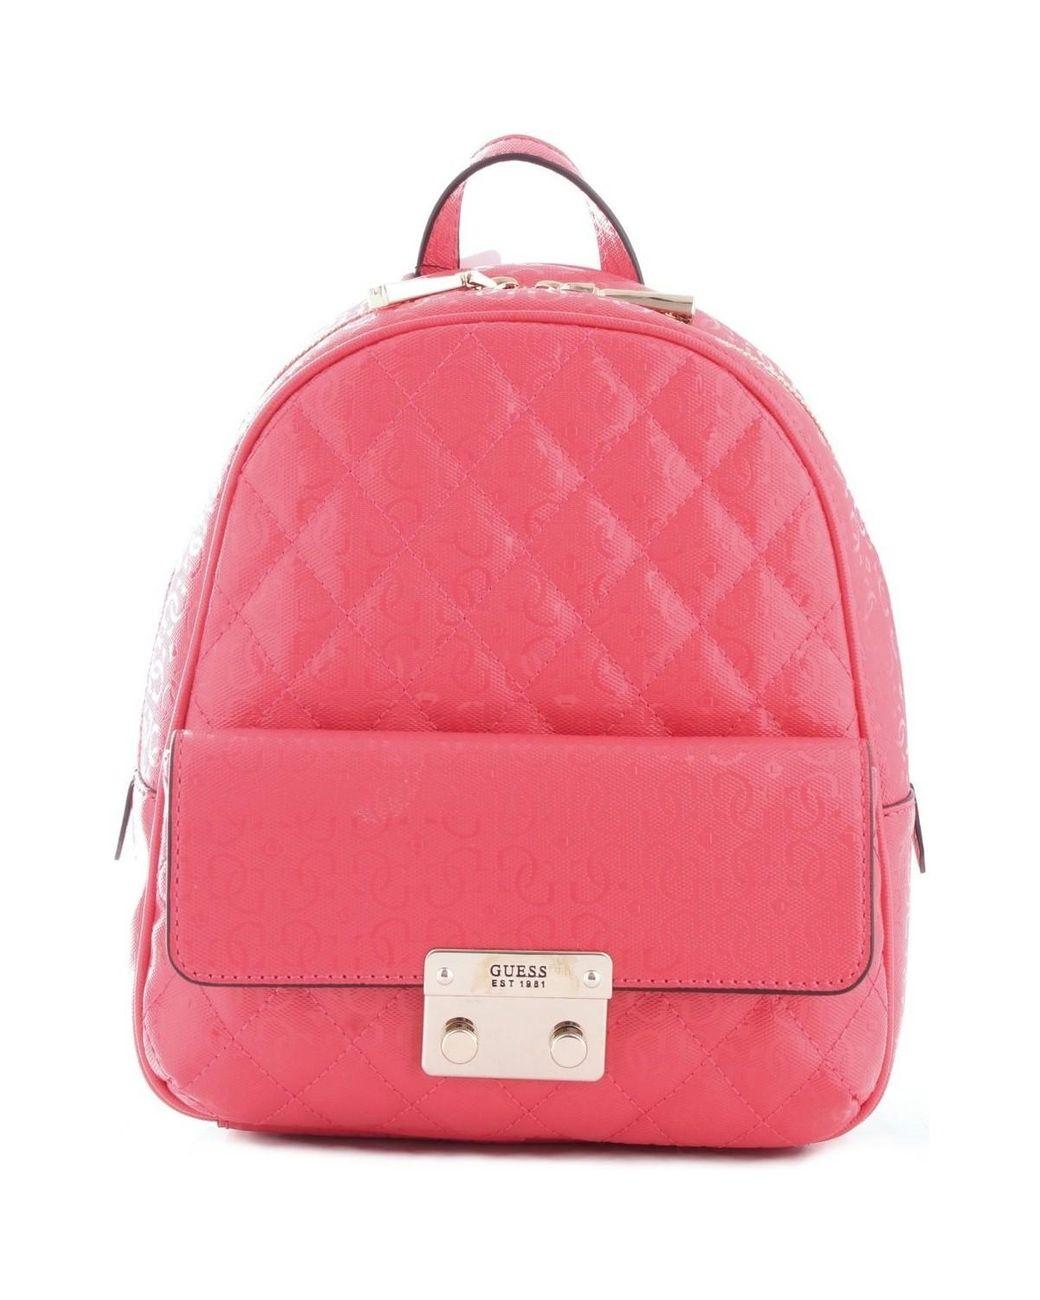 buy sale san francisco look for HWSG7410320 femmes Sac à dos en rouge homme